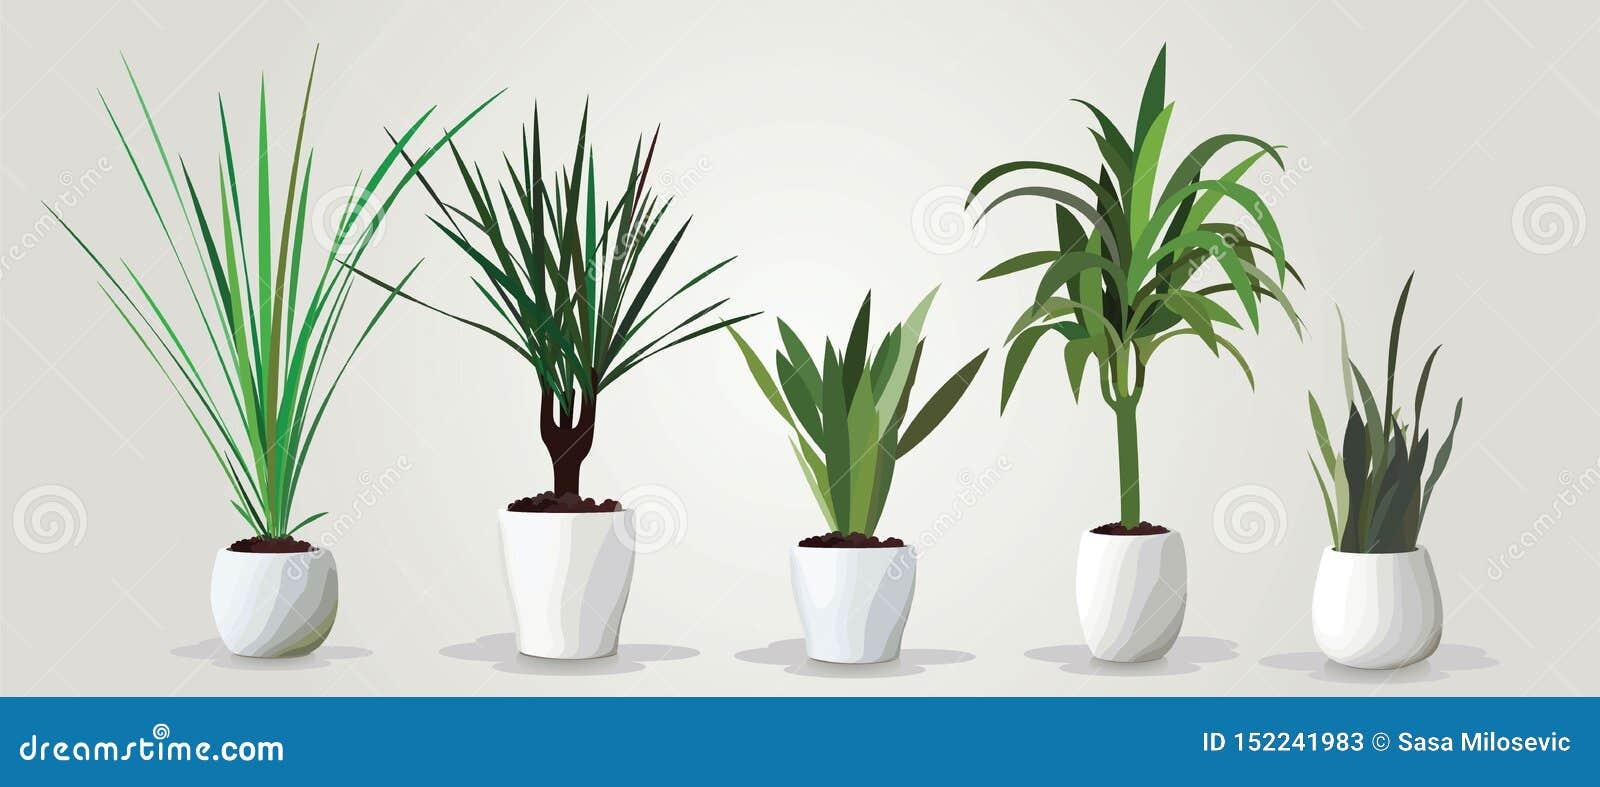 Grupo do vetor de houseplants verdes realísticos em uns potenciômetros